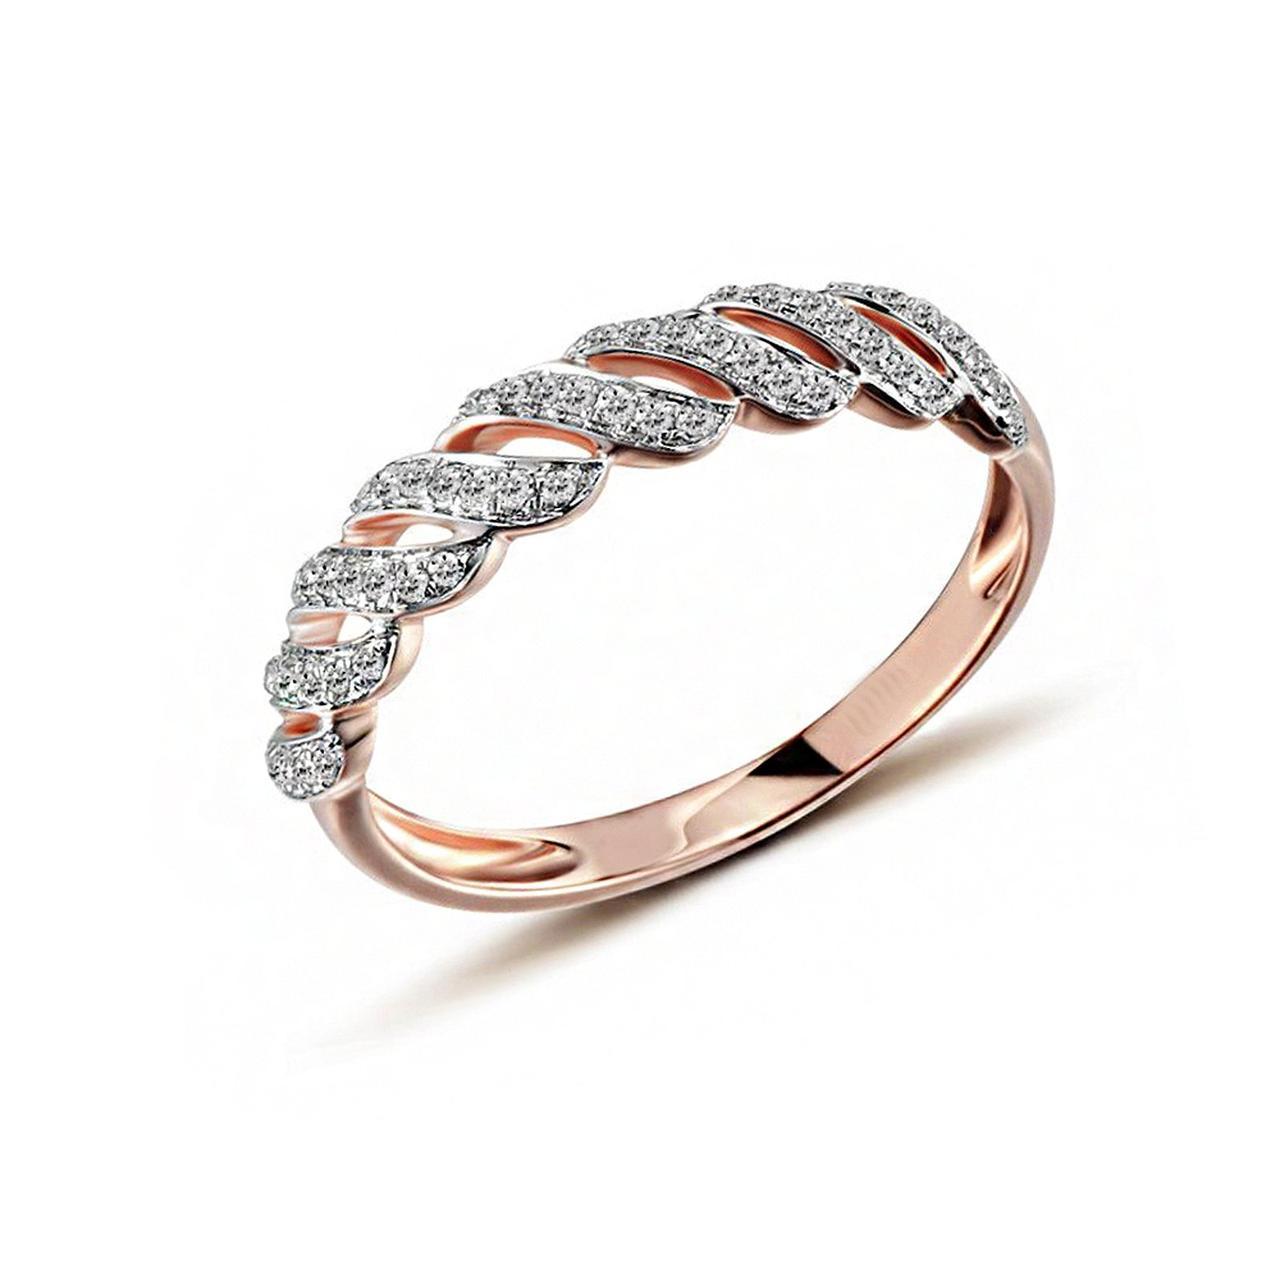 Золотое кольцо с бриллиантами, размер 16.5 (1551301)